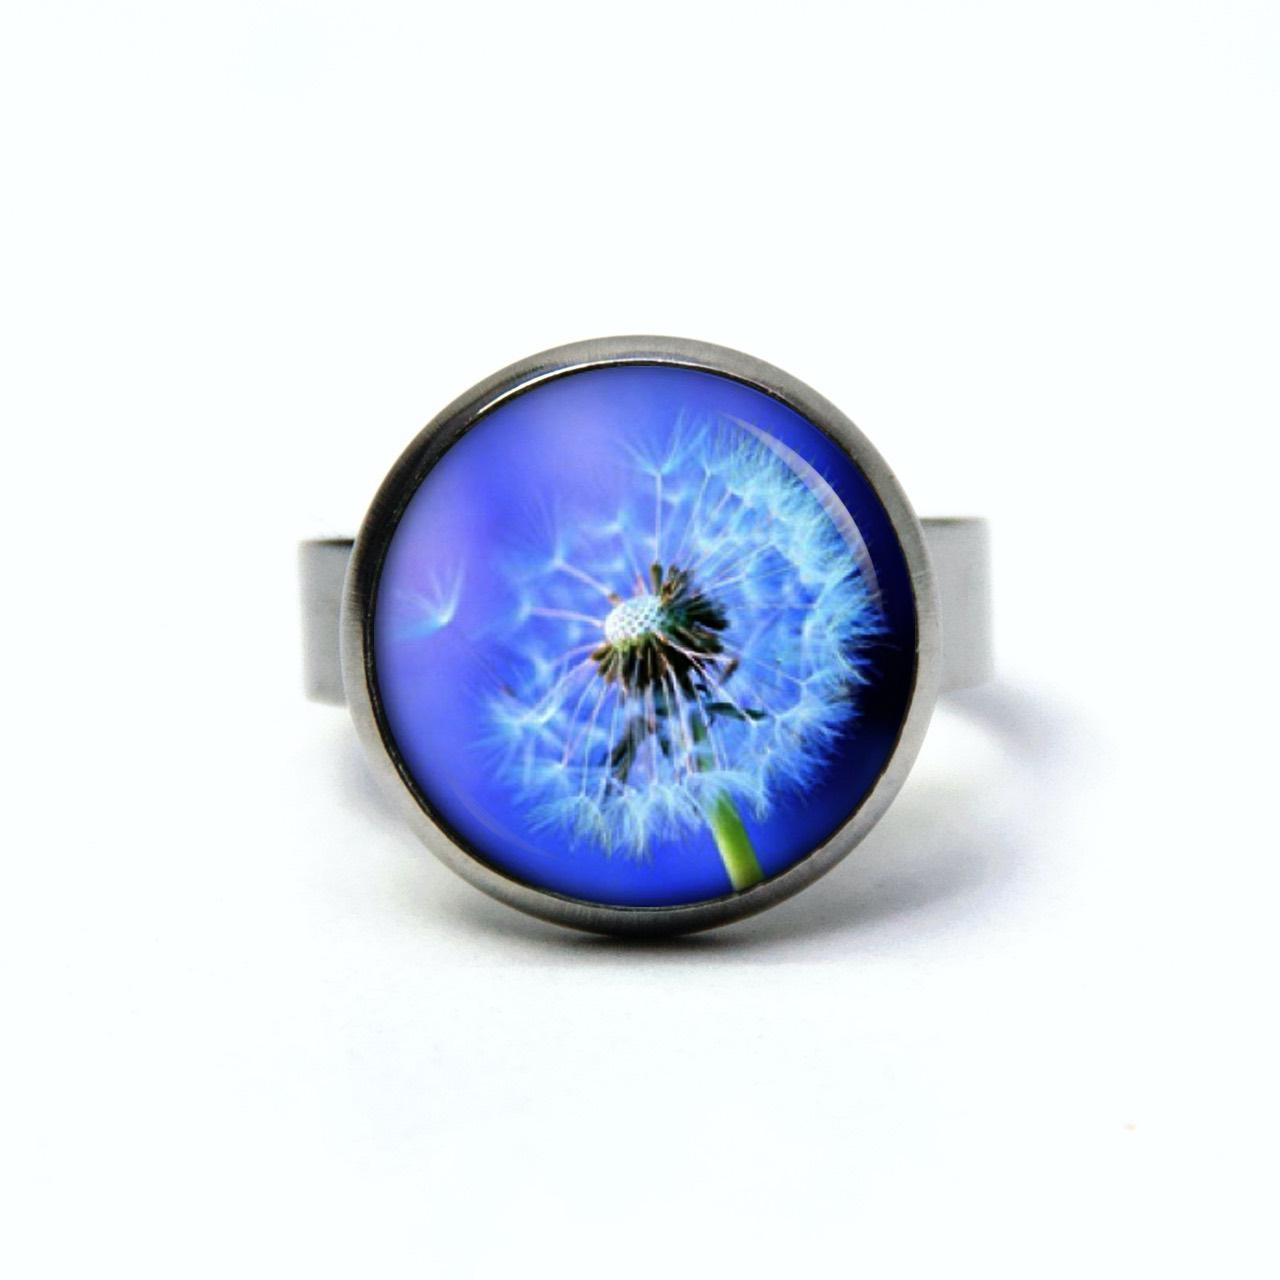 Edelstahl Ring große blaue Pusteblume - verschiedene Größen